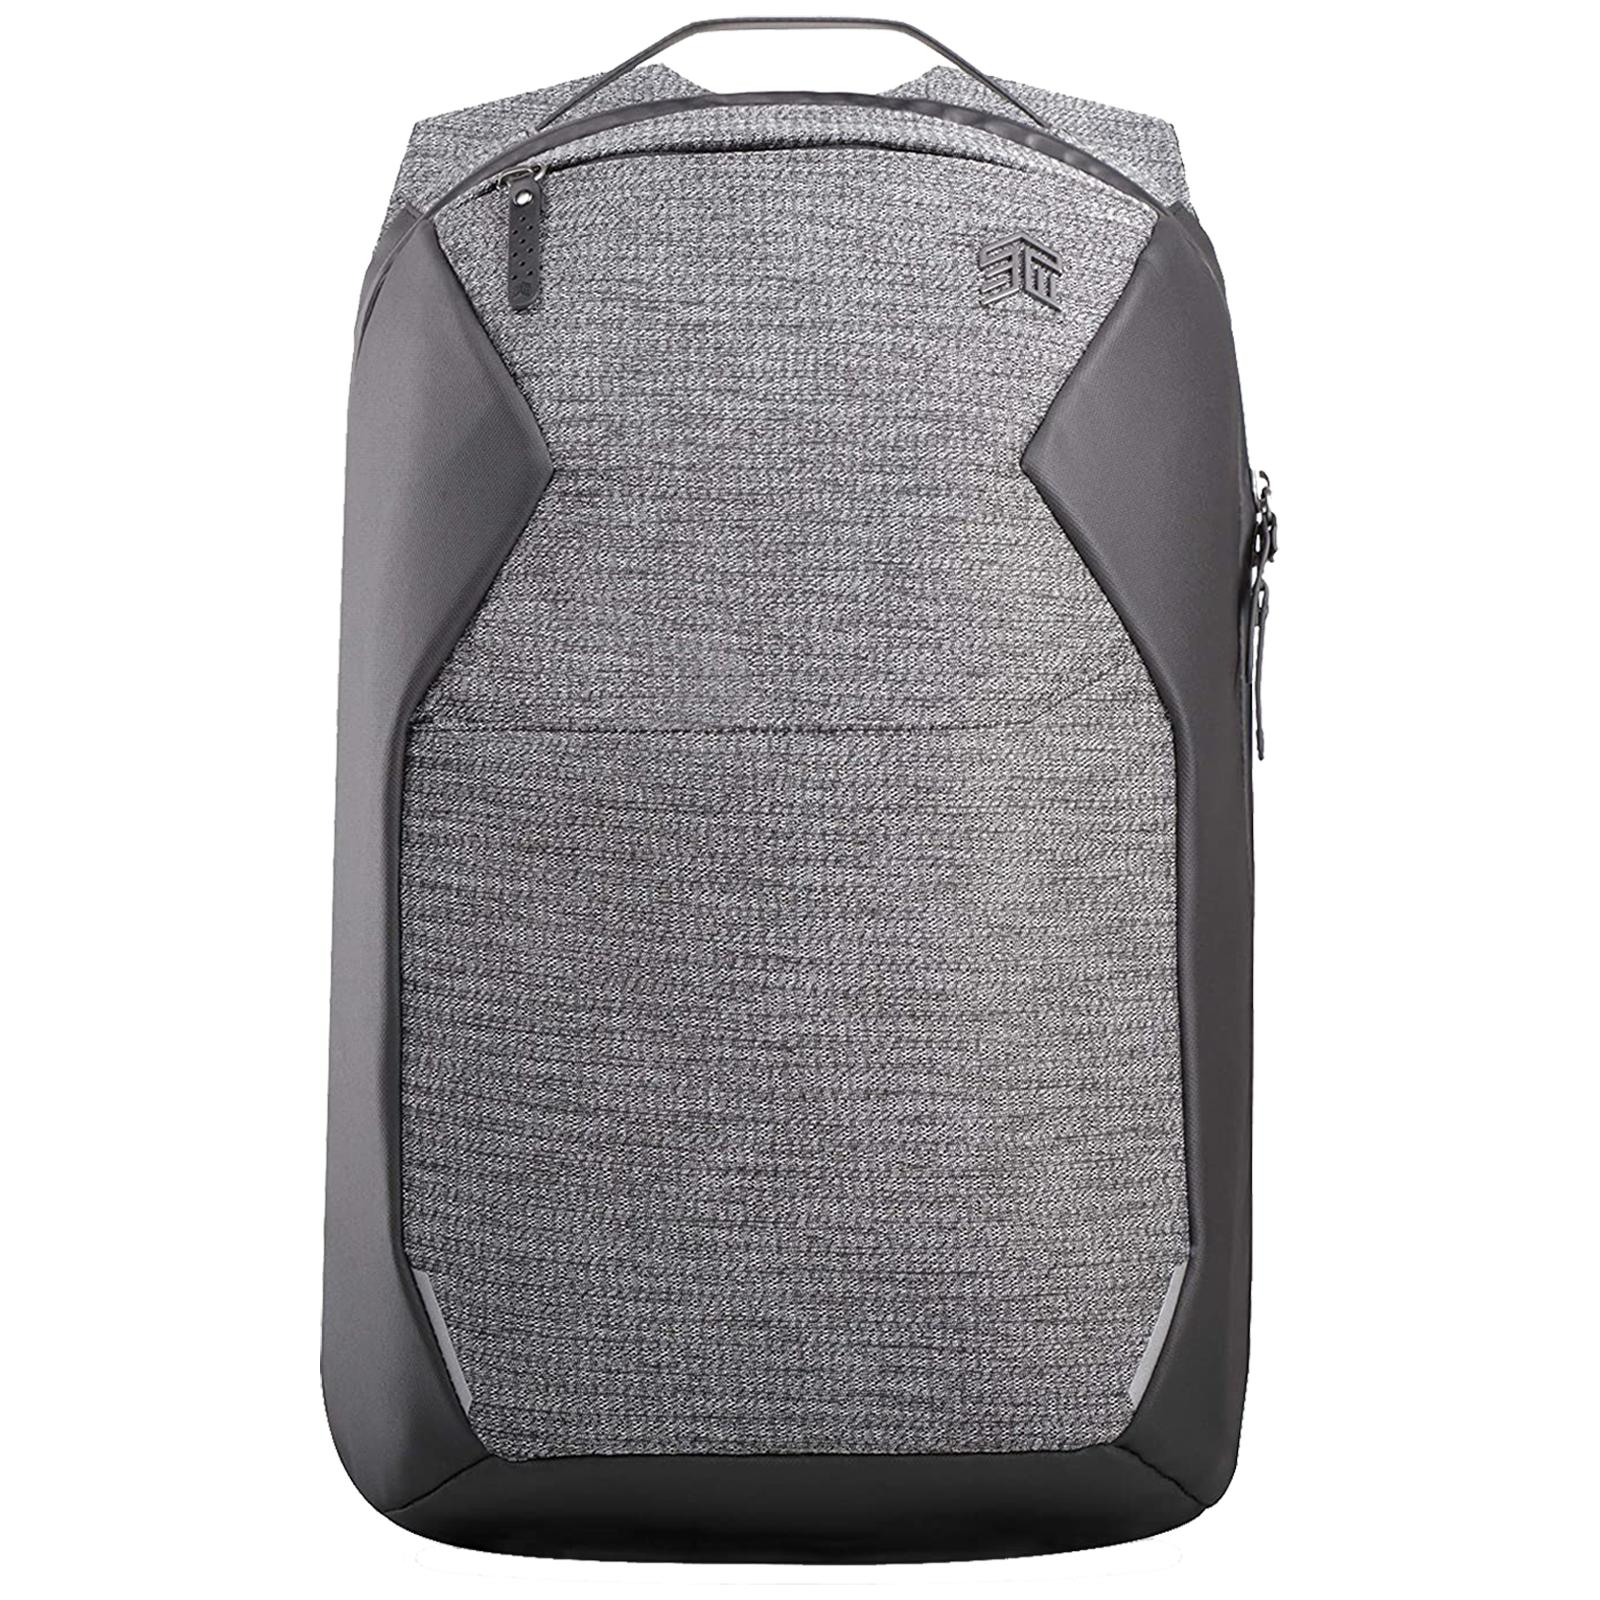 STM Myth 18 Litres Polyester Backpack for 15 Inch Laptop (Water repellent C6DWR Coating, STM-117-186P-01, Granite Black)_1